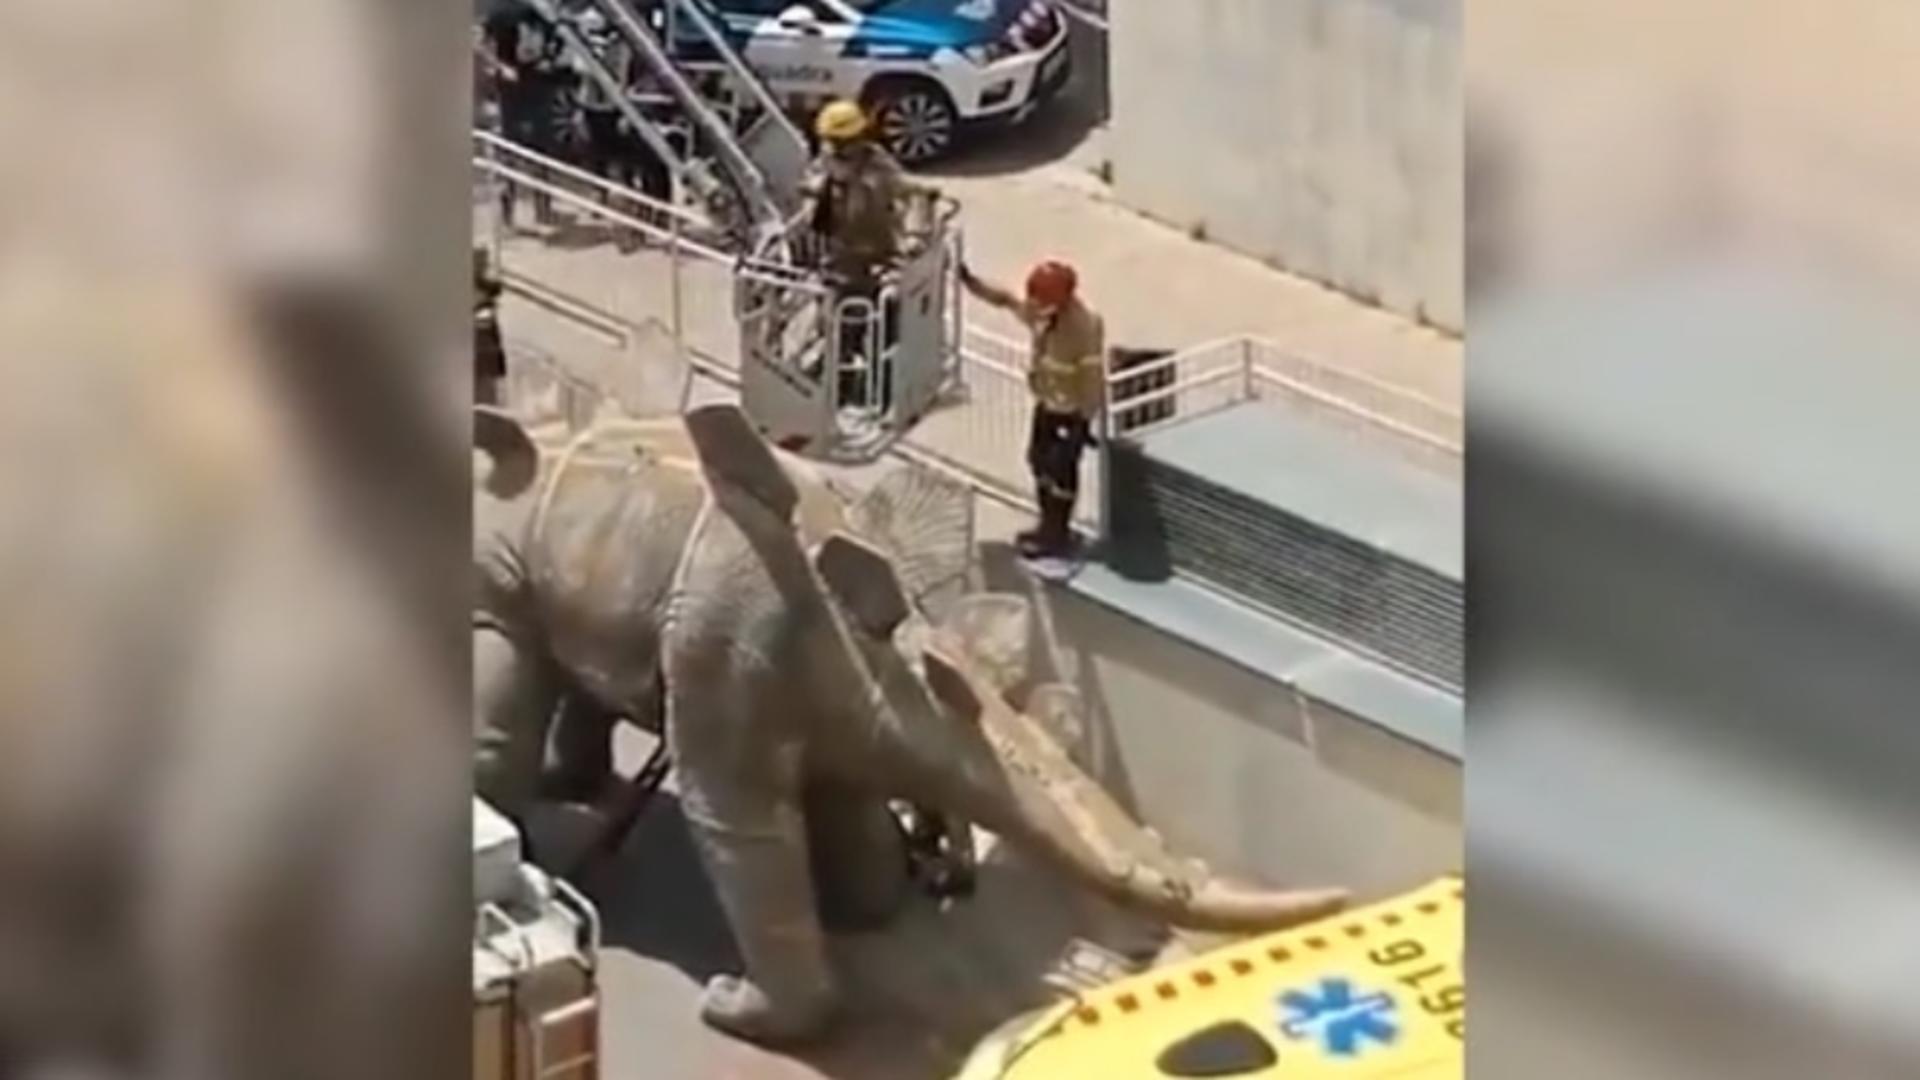 Un bărbat din Spania a fost găsit mort în trupul unui dinozaur decorativ